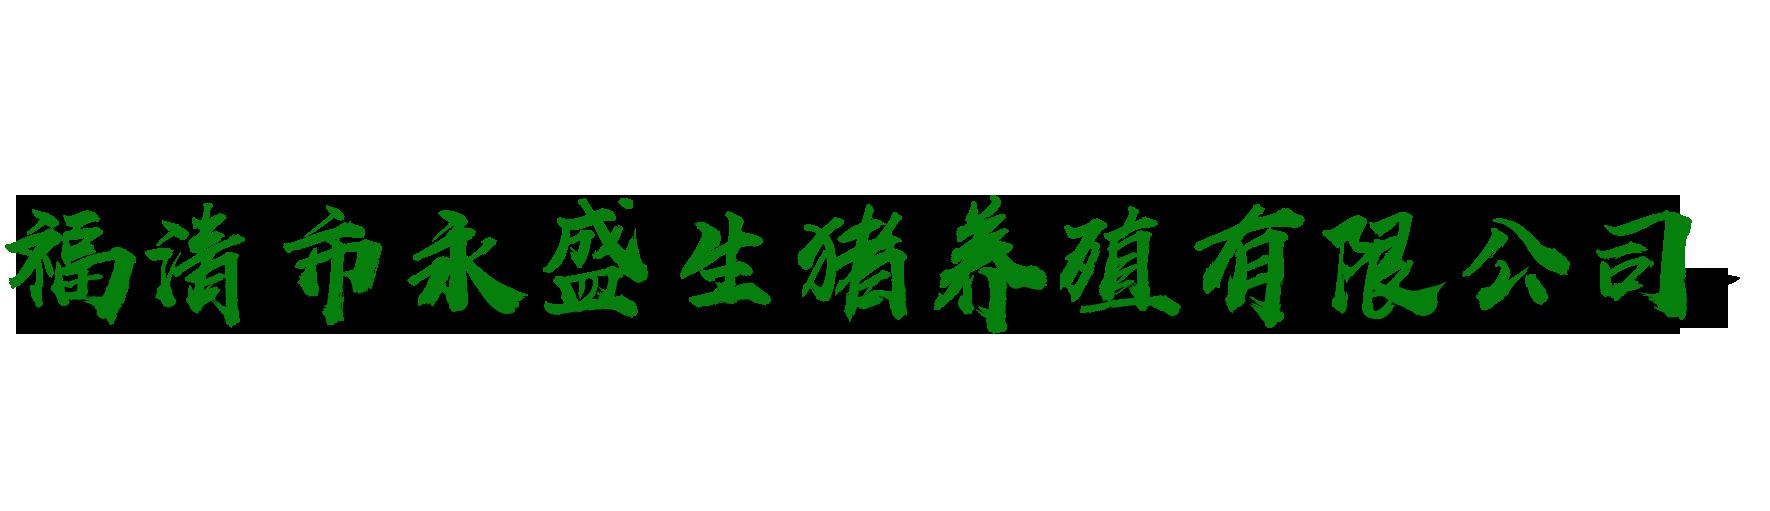 福清市永盛生猪养殖有限公司